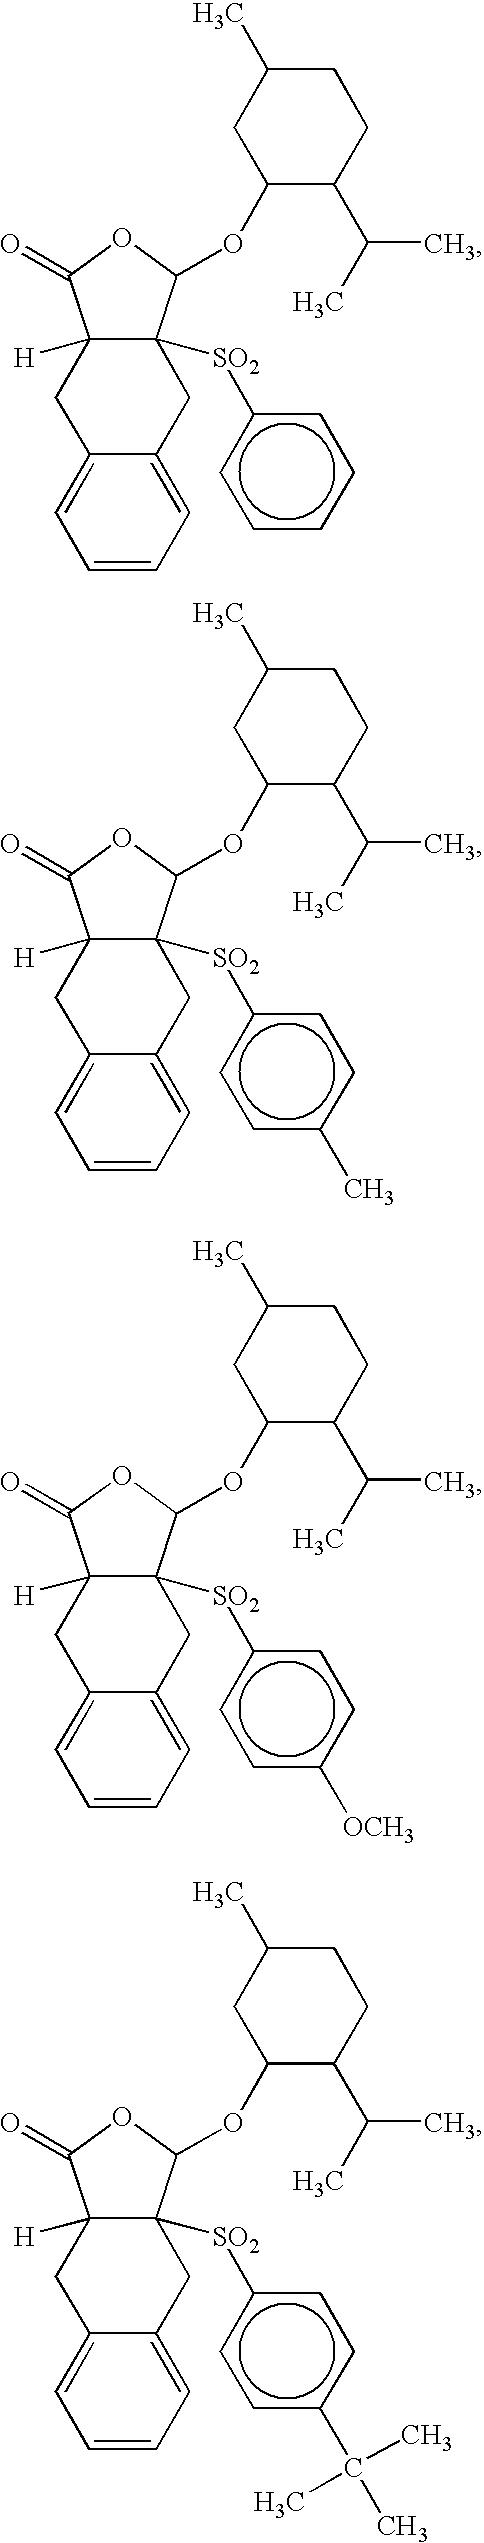 Figure US20040065227A1-20040408-C00124